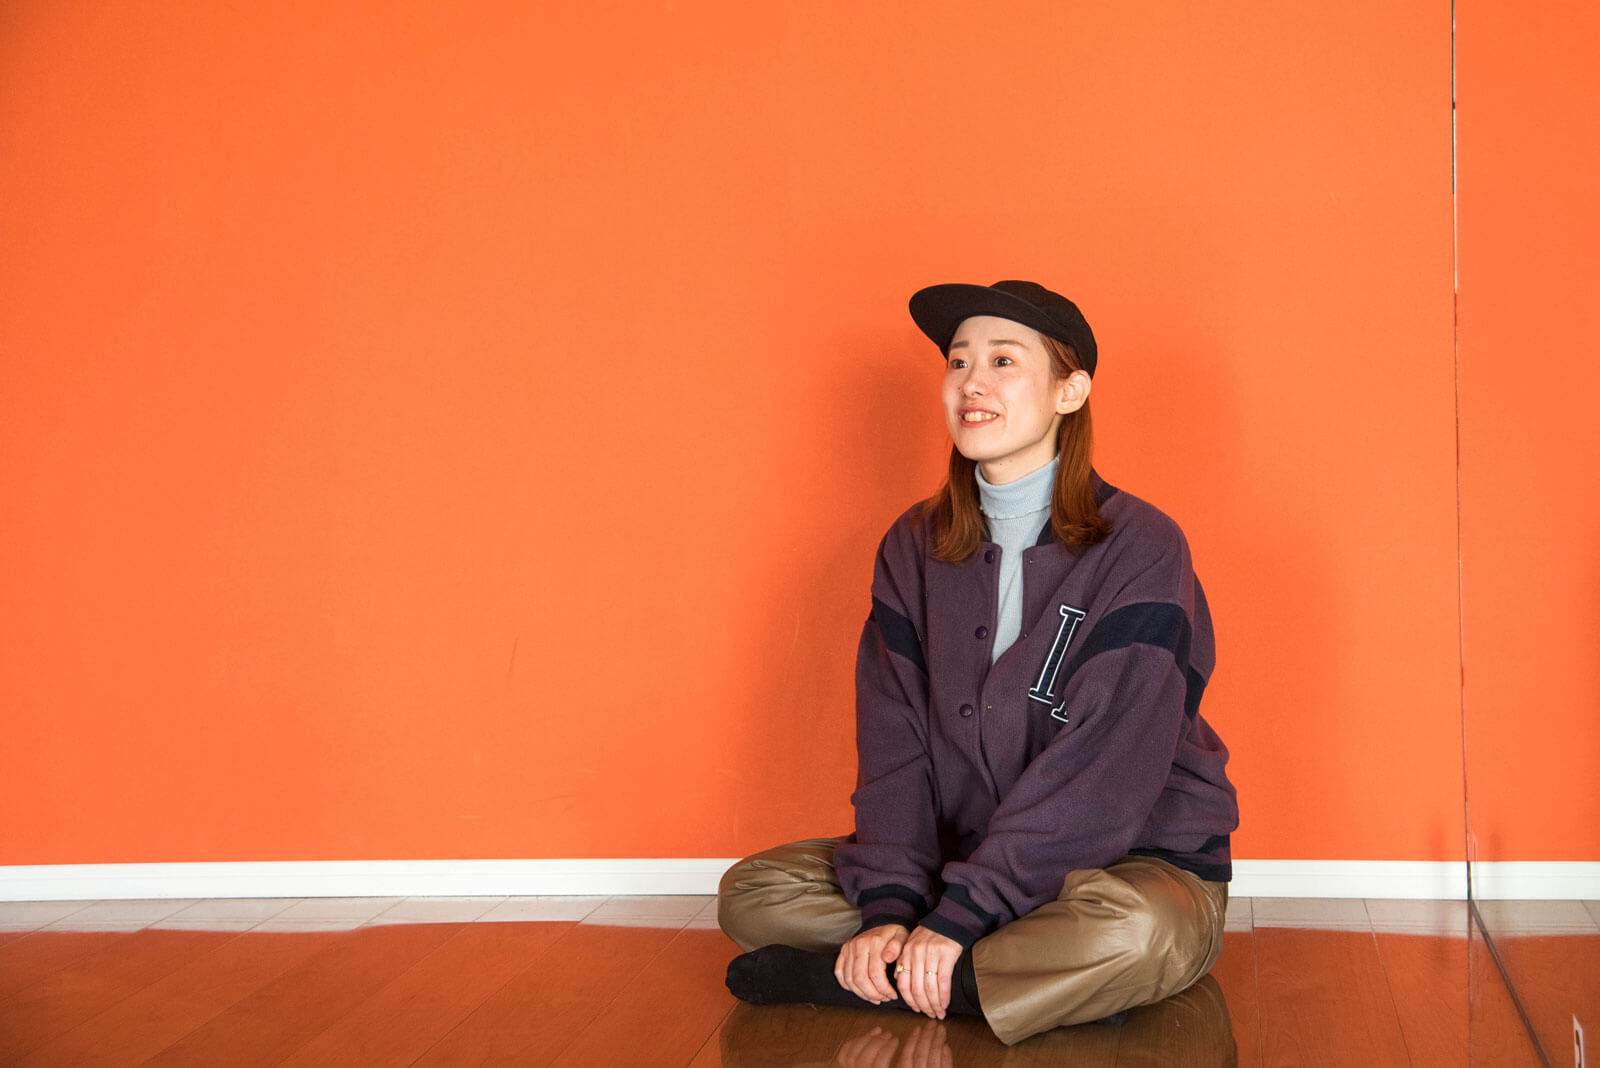 ローカルWEBメディア・地域サイト 地元サイト 草加ローカルストーリー 岡本朱里 ダンサー 坐禅 4枚目写真